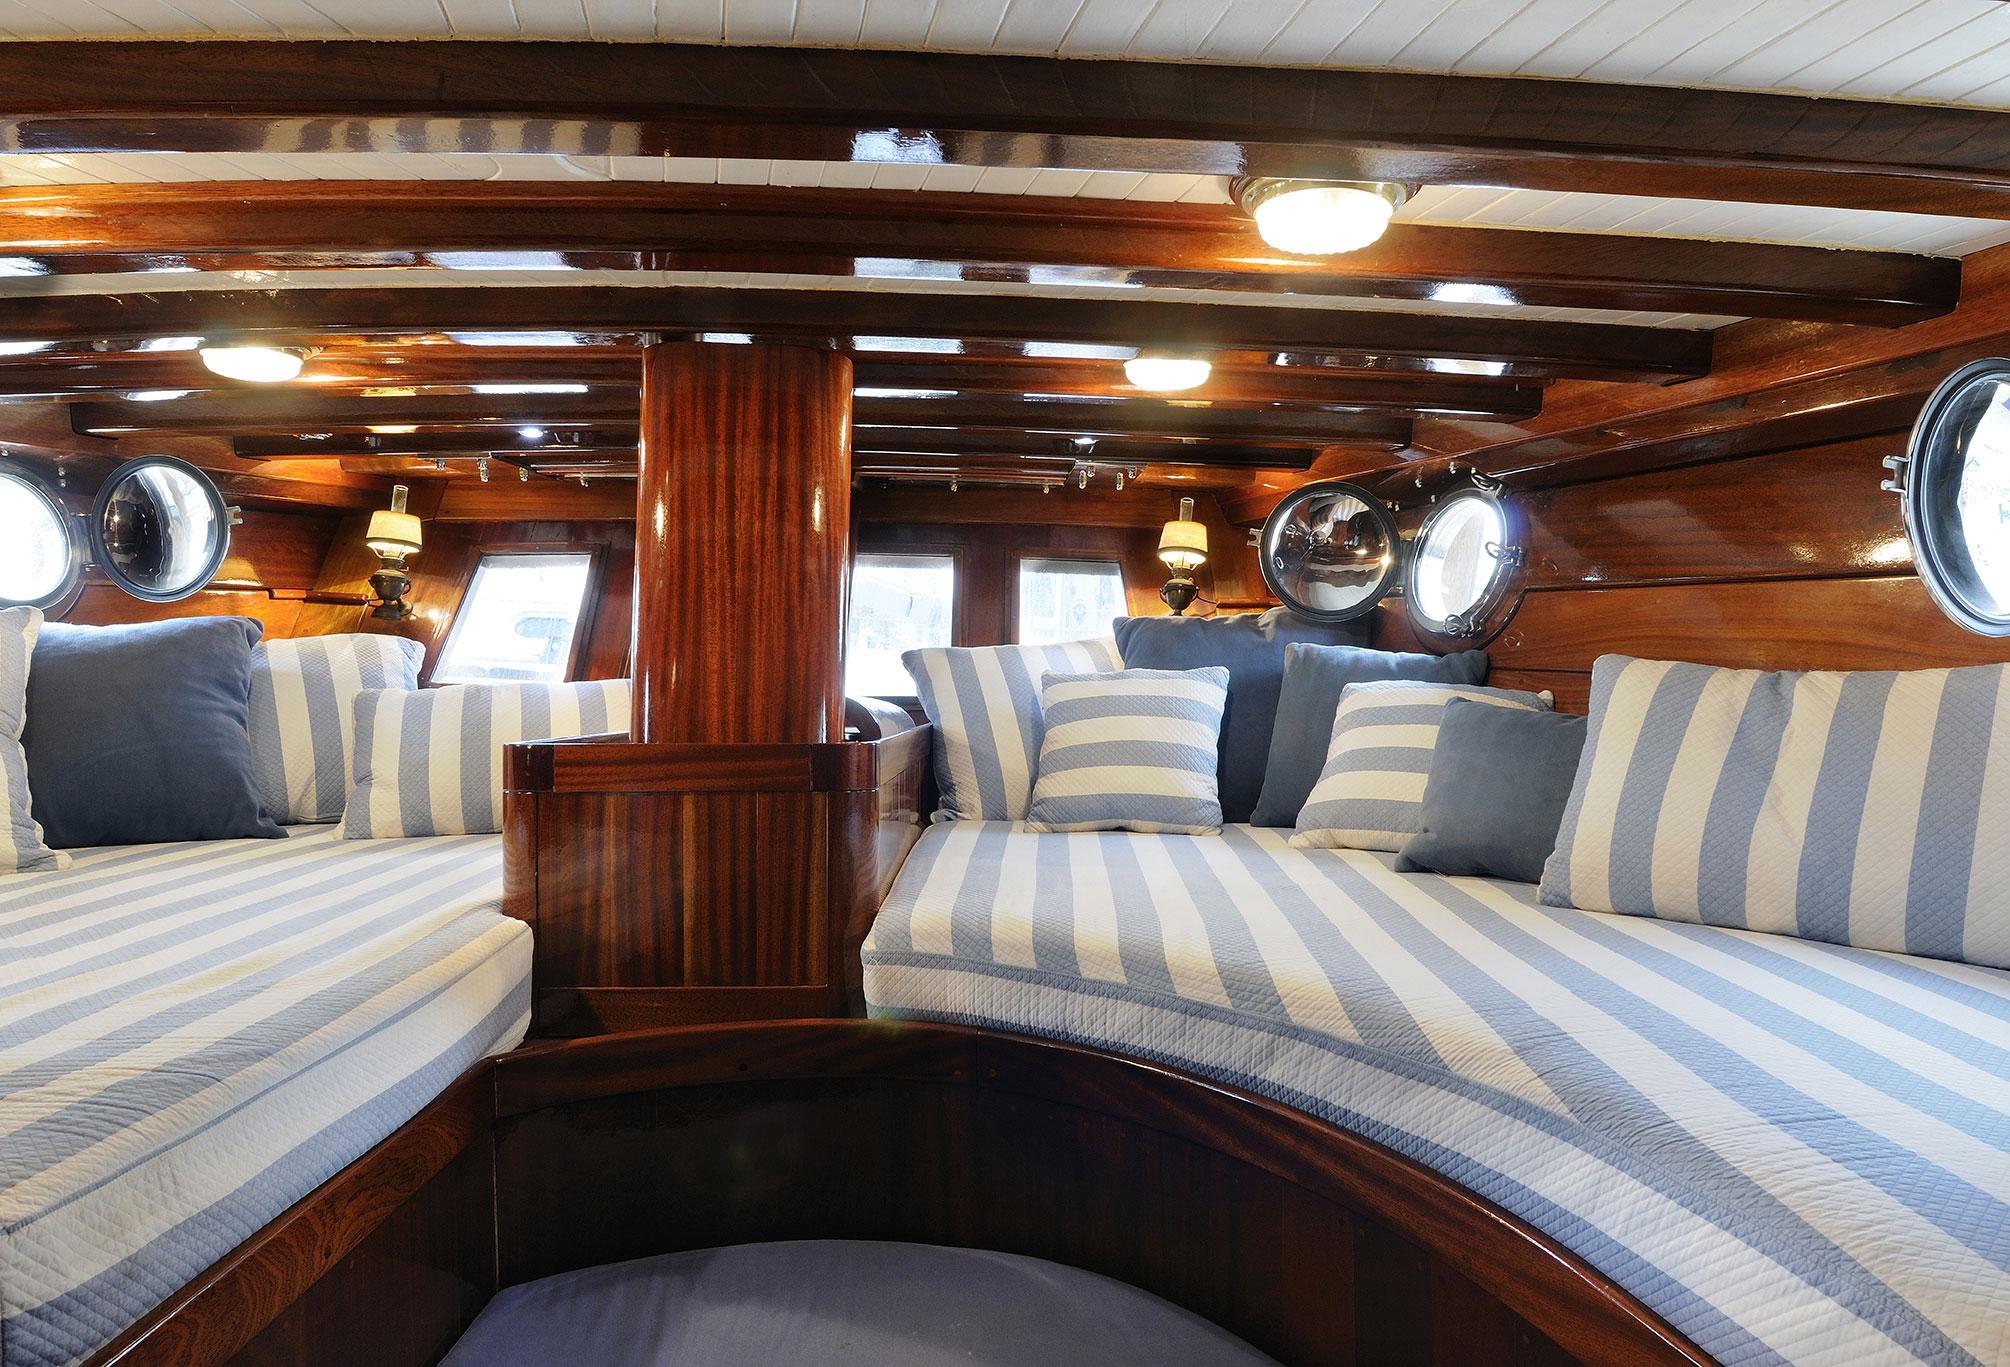 Arredamento navale cagliari divani cuscinerie e for Arredamento navale